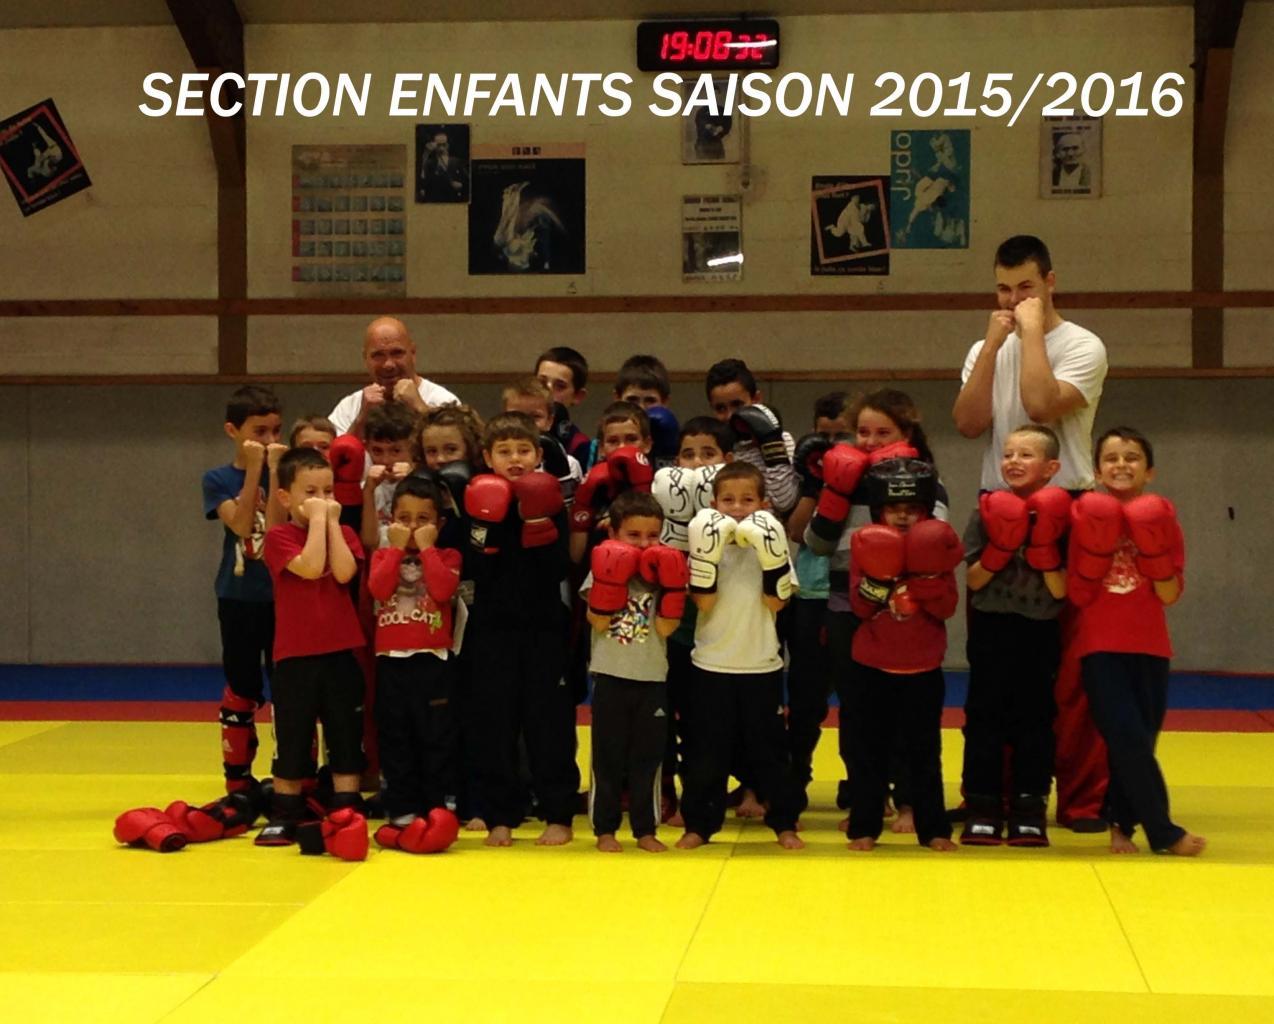 SECTION ENFANTS SAISON 2015-2016